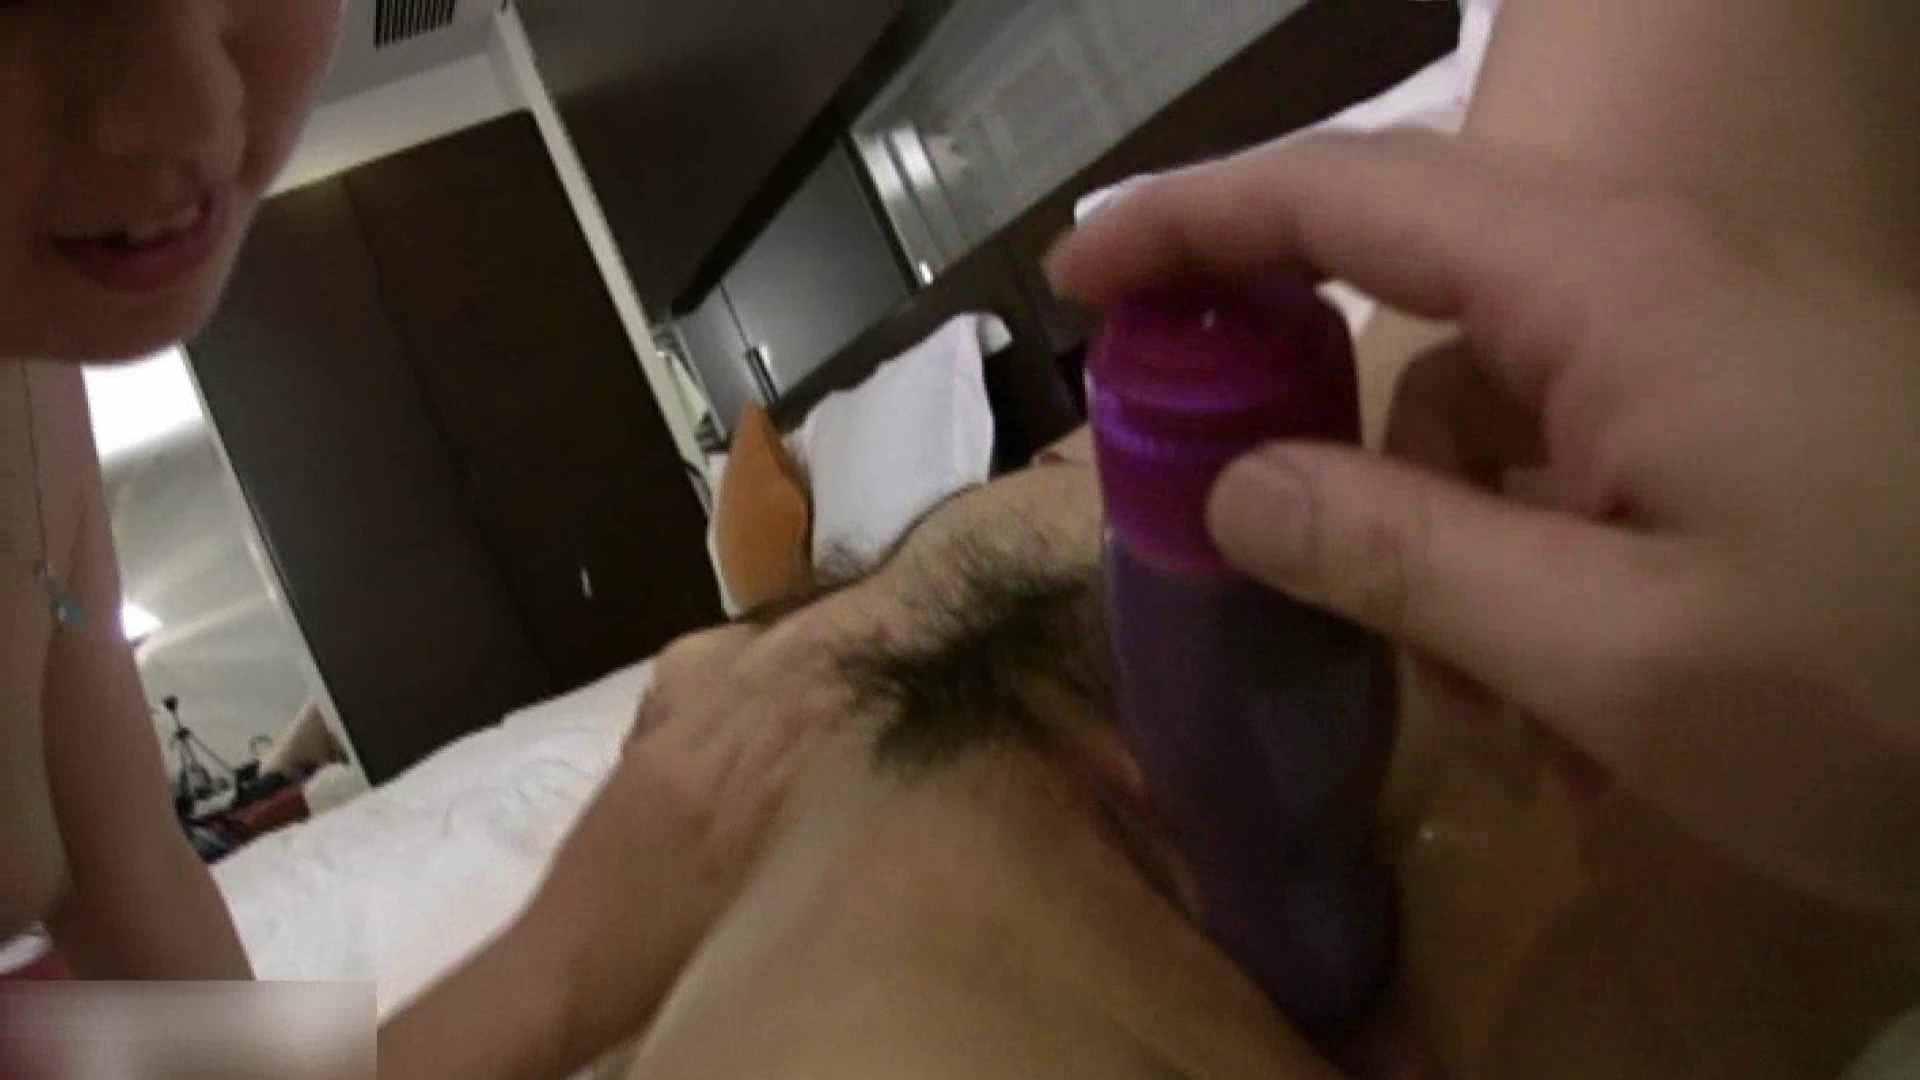 淫乱人妻 狂った宴 Vol.08 バイブ すけべAV動画紹介 61PIX 47